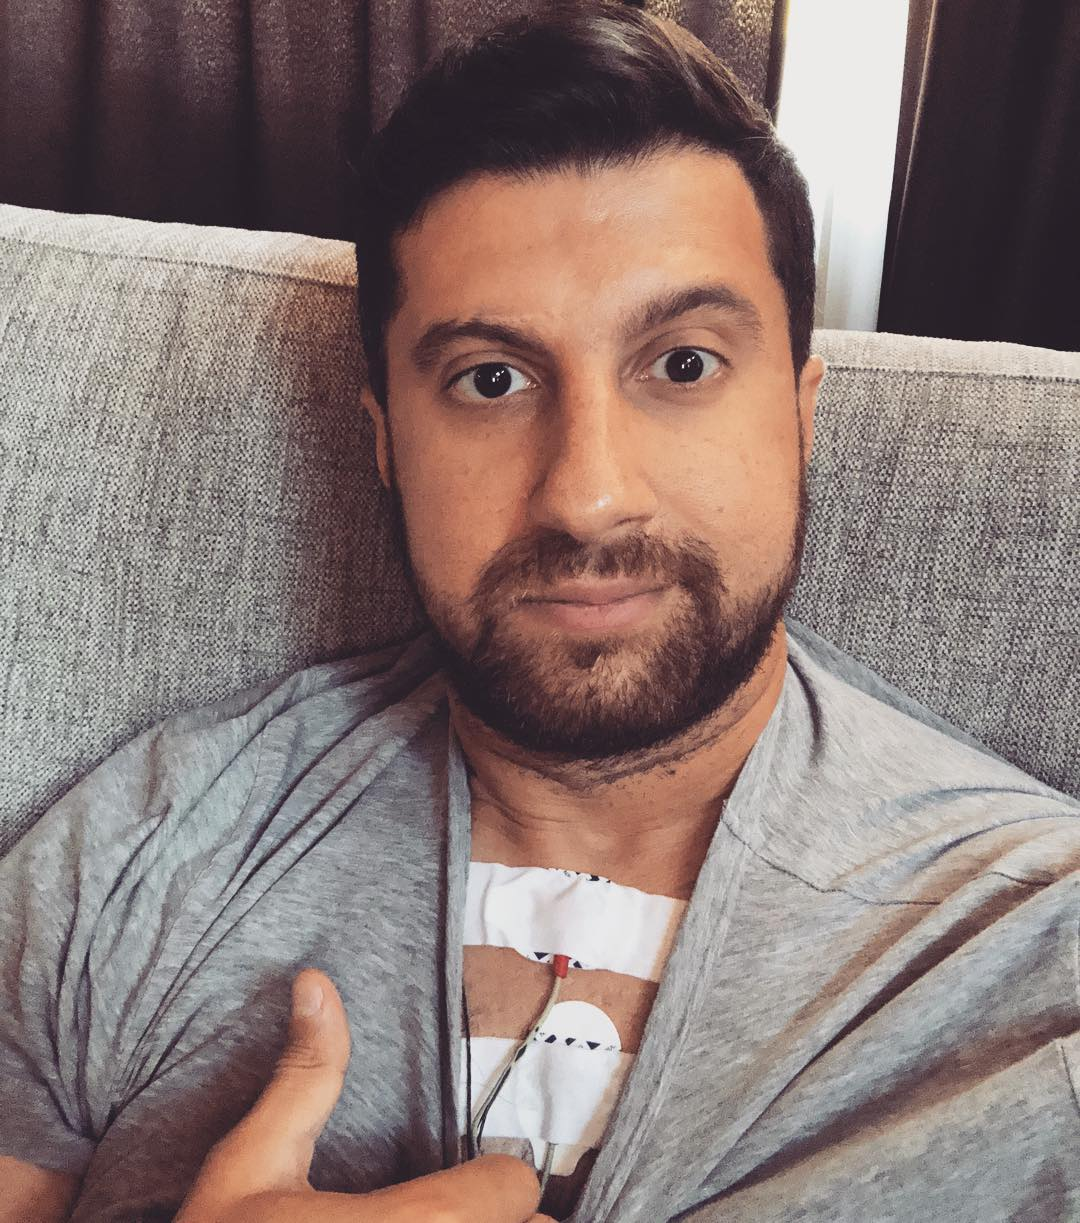 32-летний Амиран Сардаров сообщил, что его ограбили